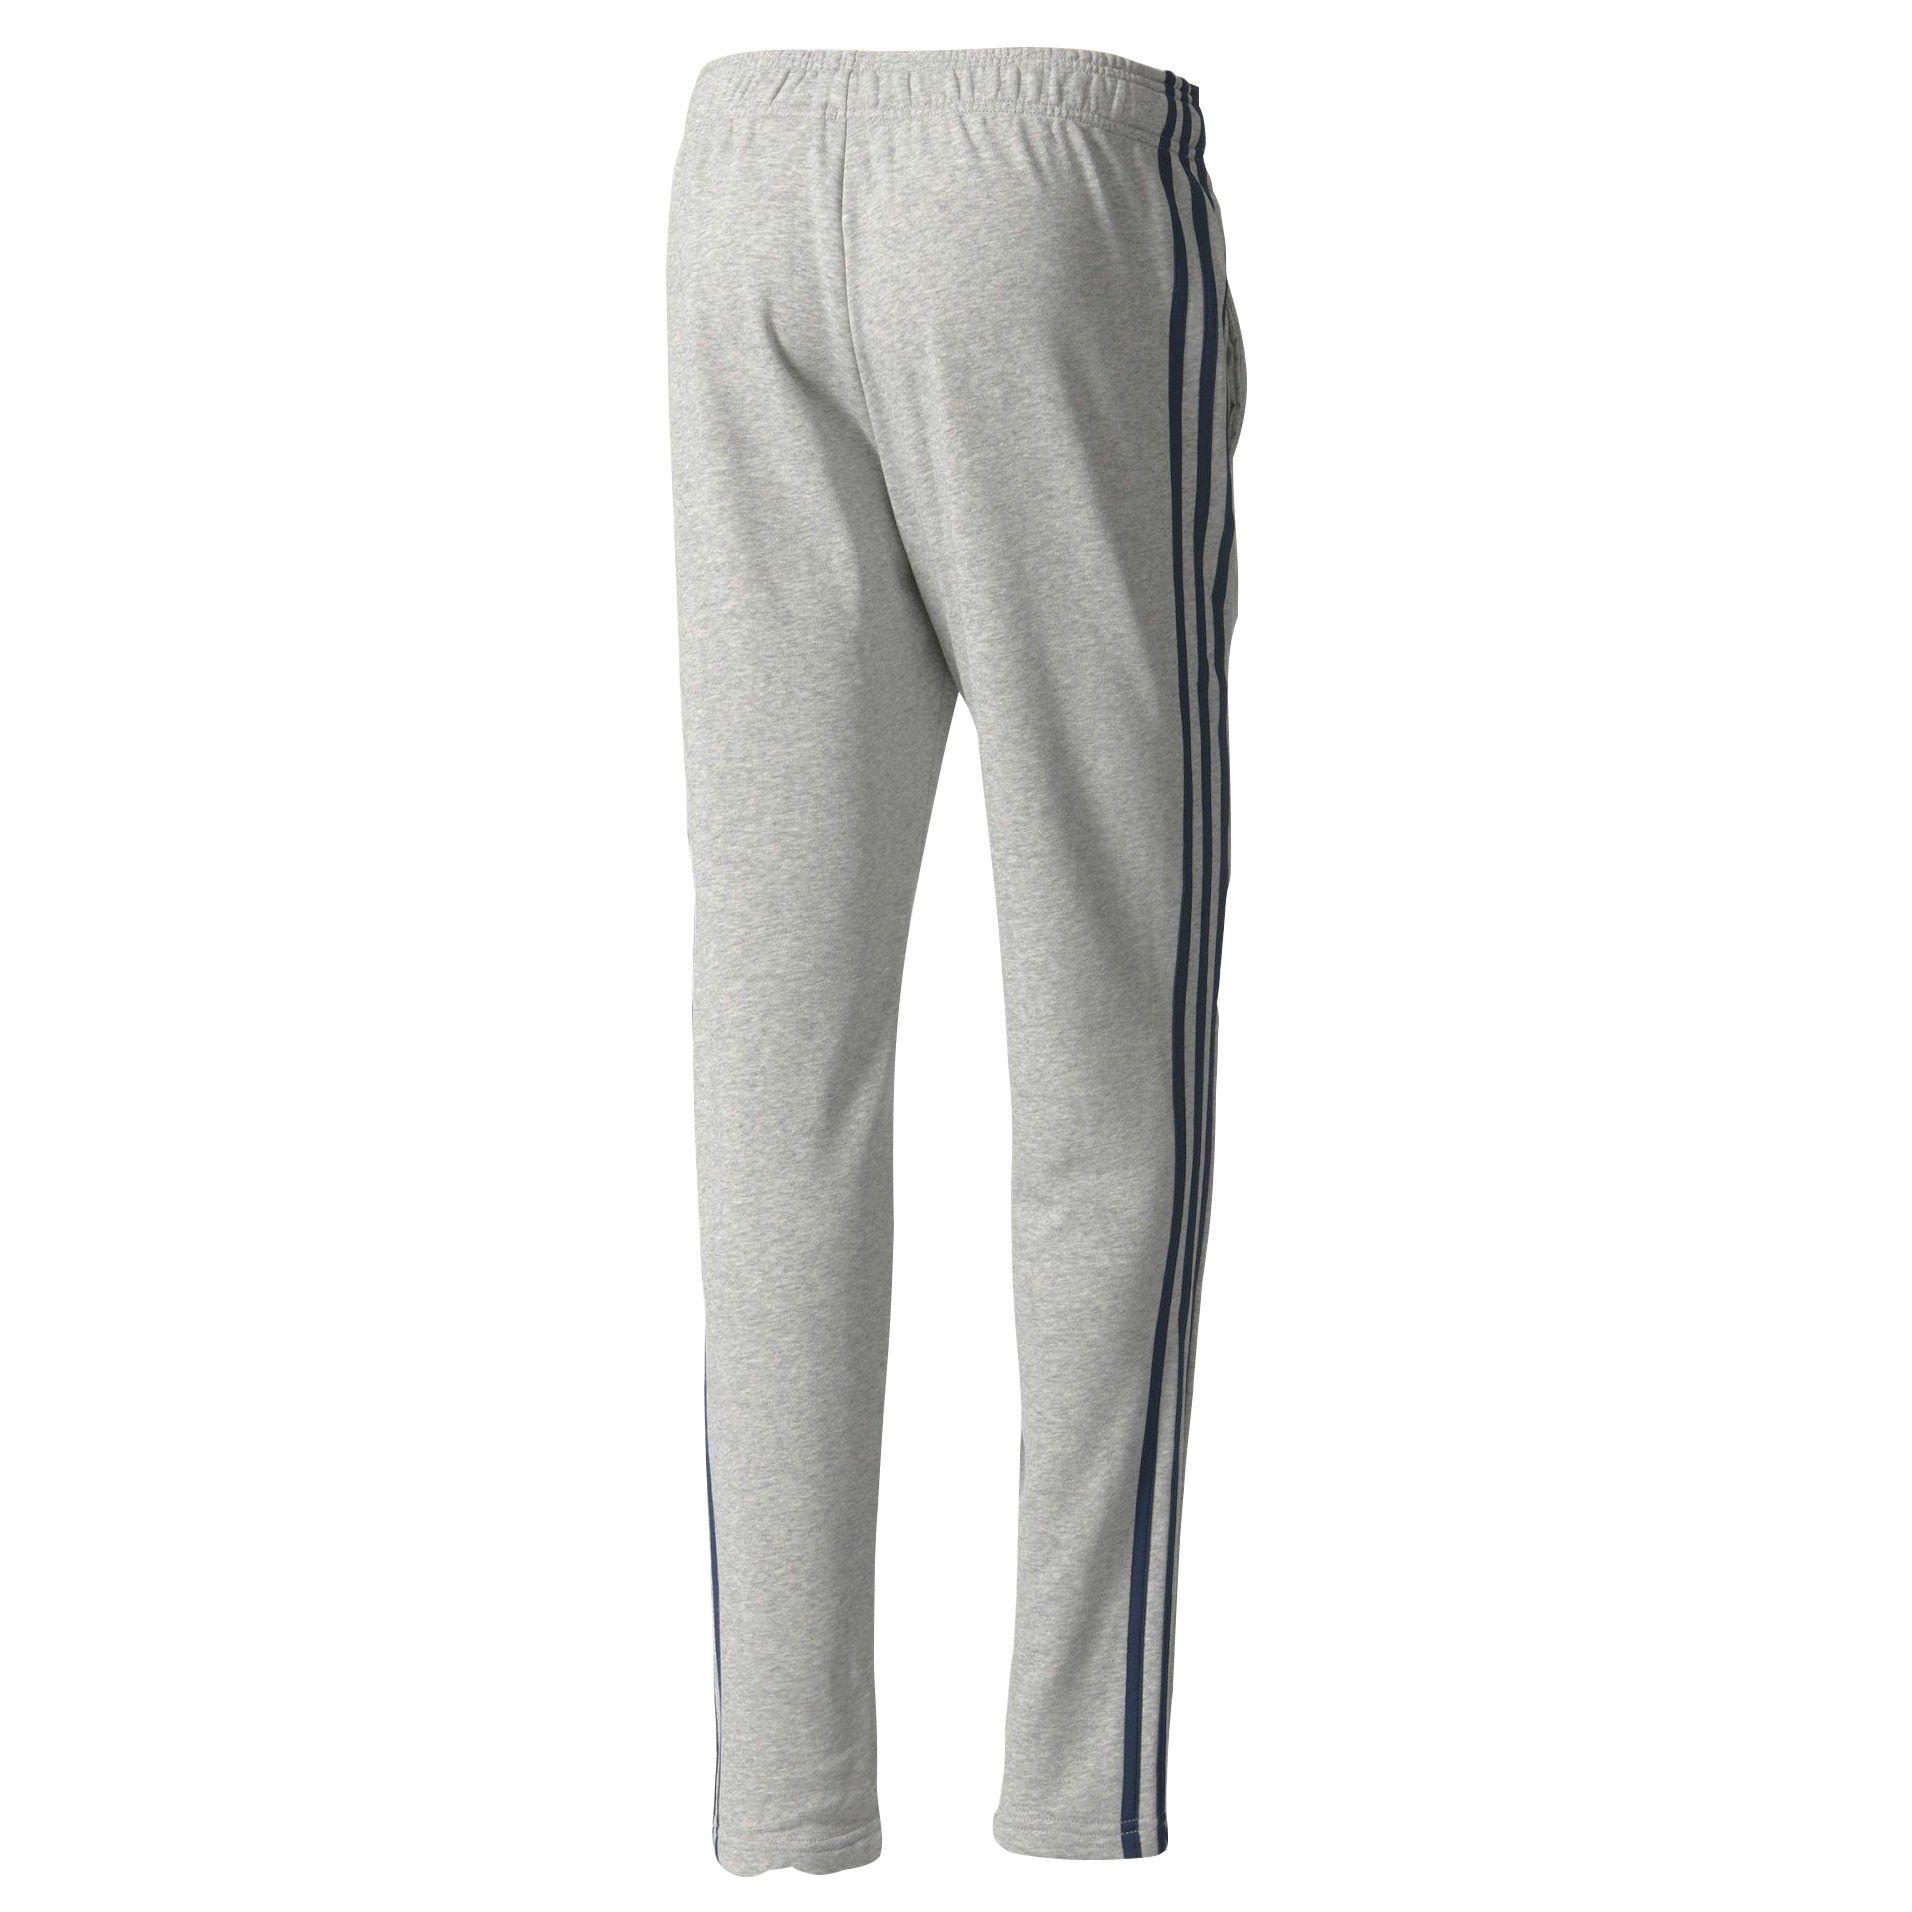 Calça Adidas Essentials 3-Stripes